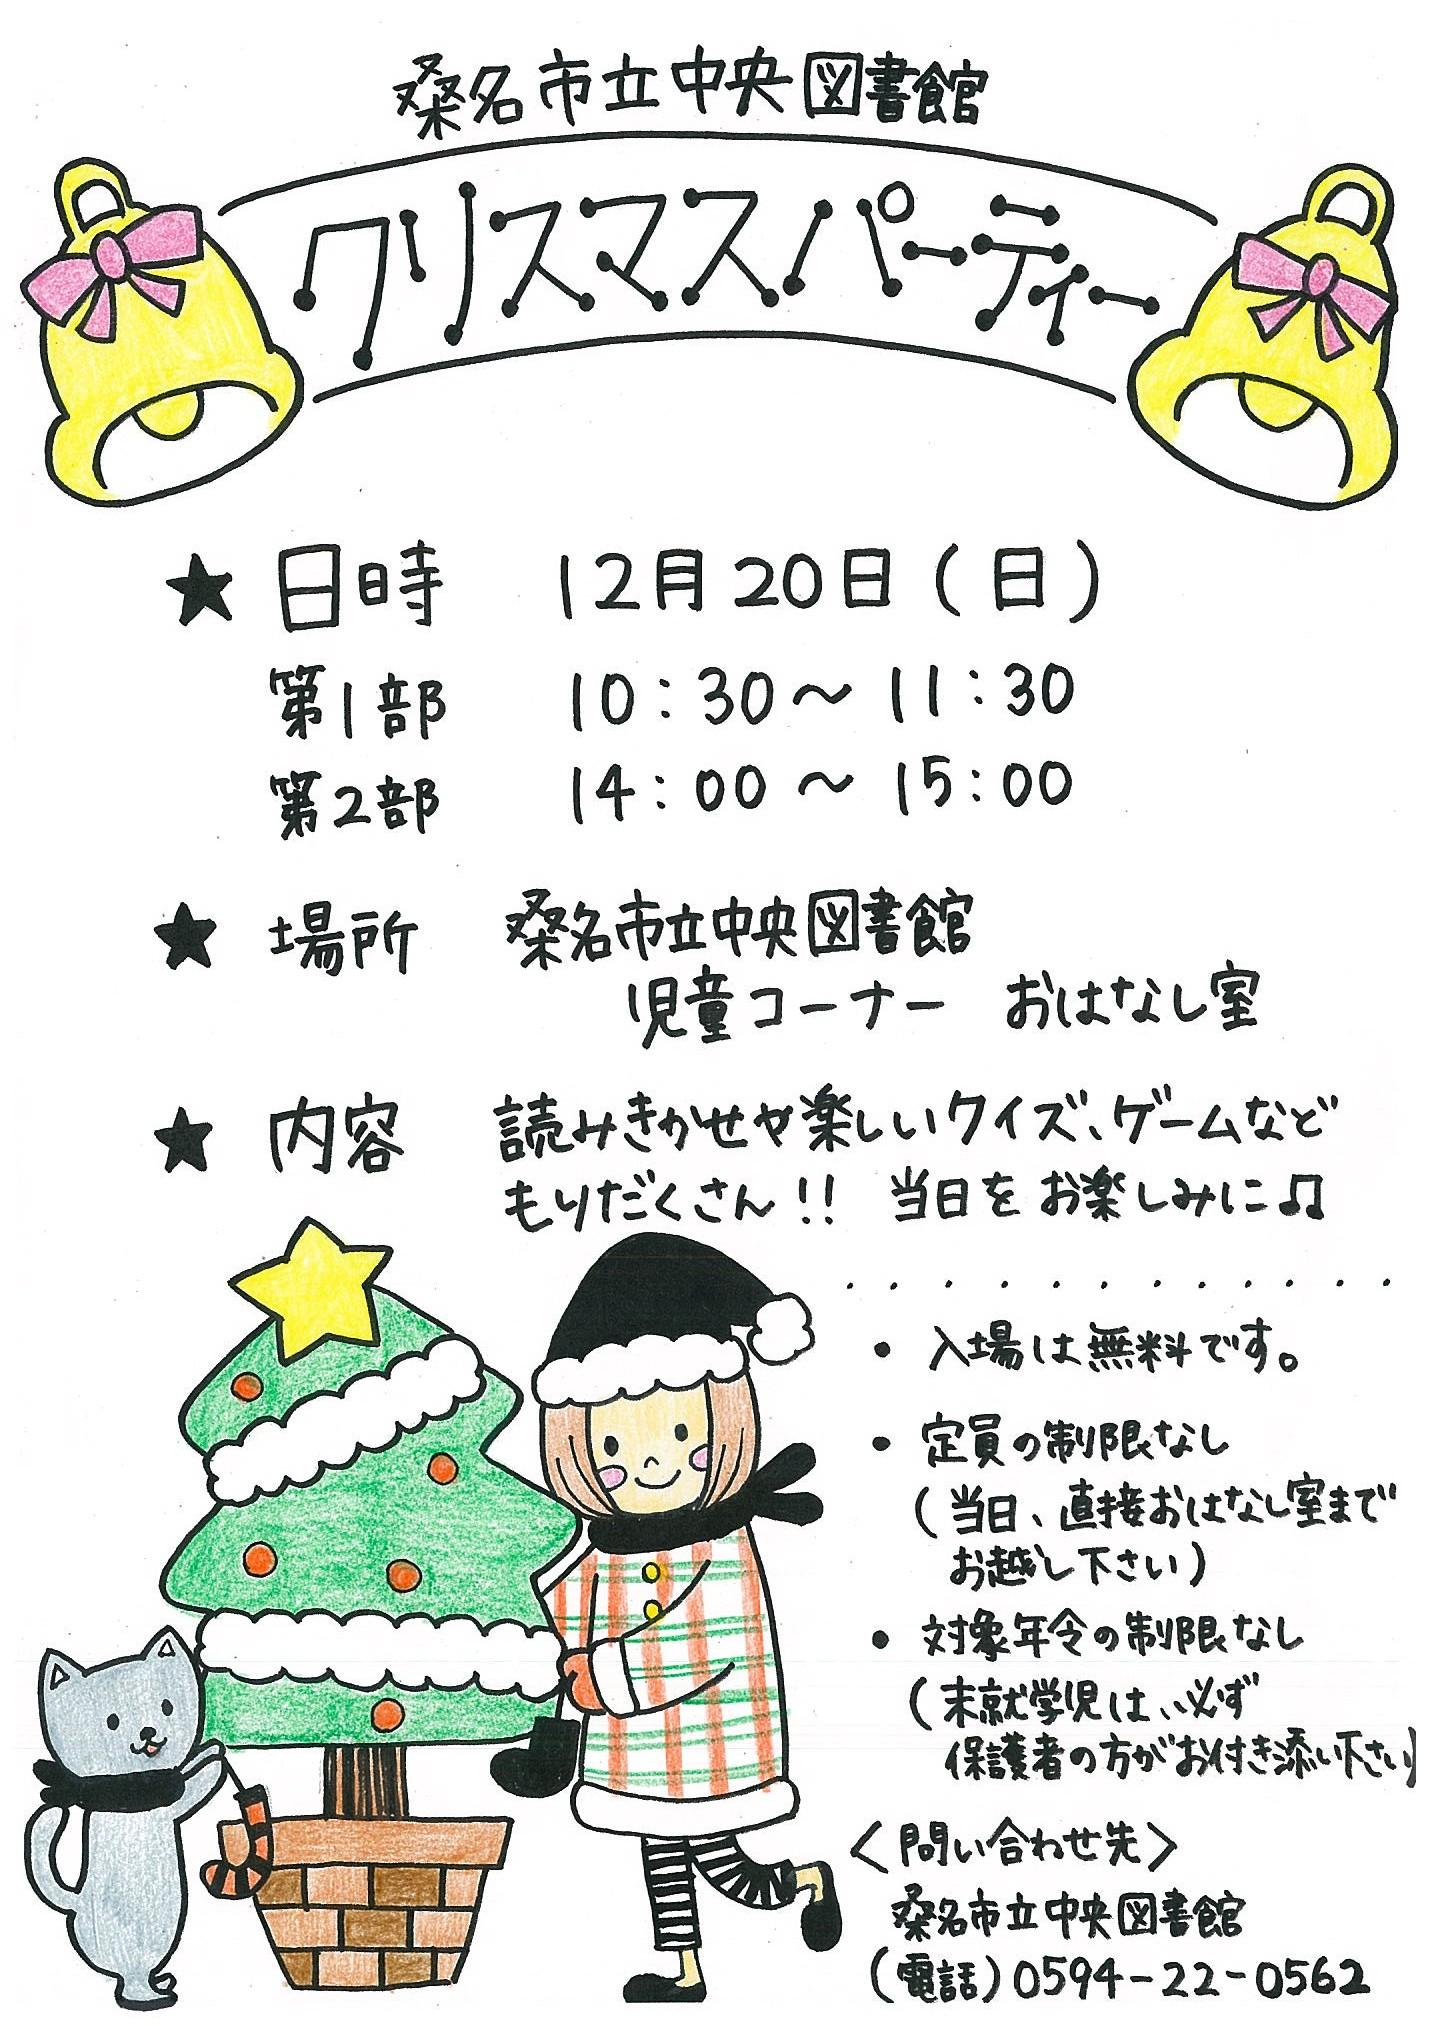 クリスマスパーティー2009